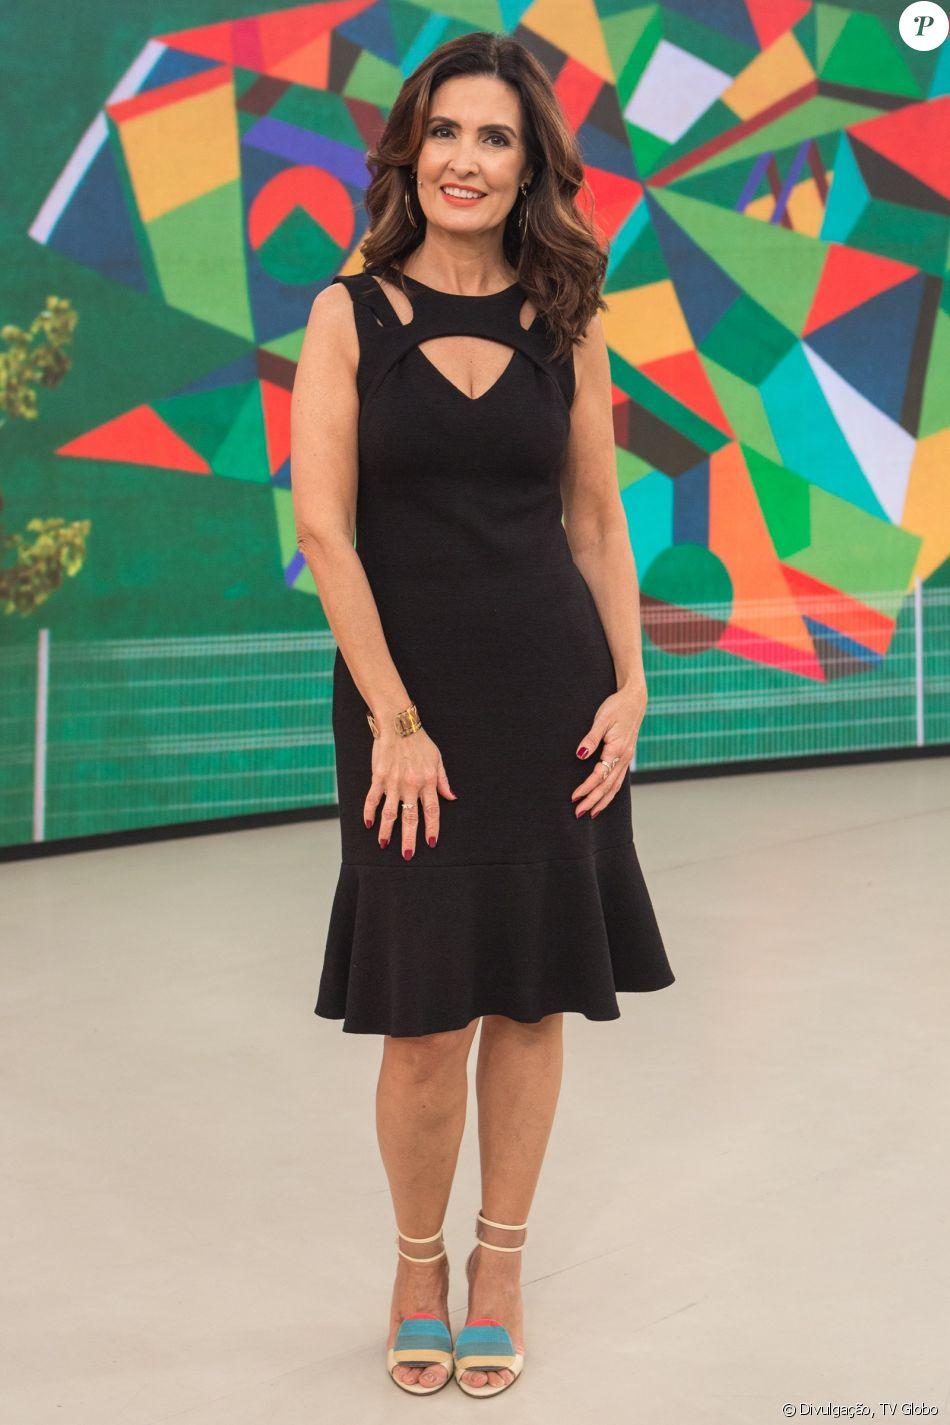 Fátima Bernardes parabenizou Luiza Tenente, sobrinha de William Bonner, por sua estreia no 'Encontro' nesta quarta-feira, 13 de dezembro de 2017